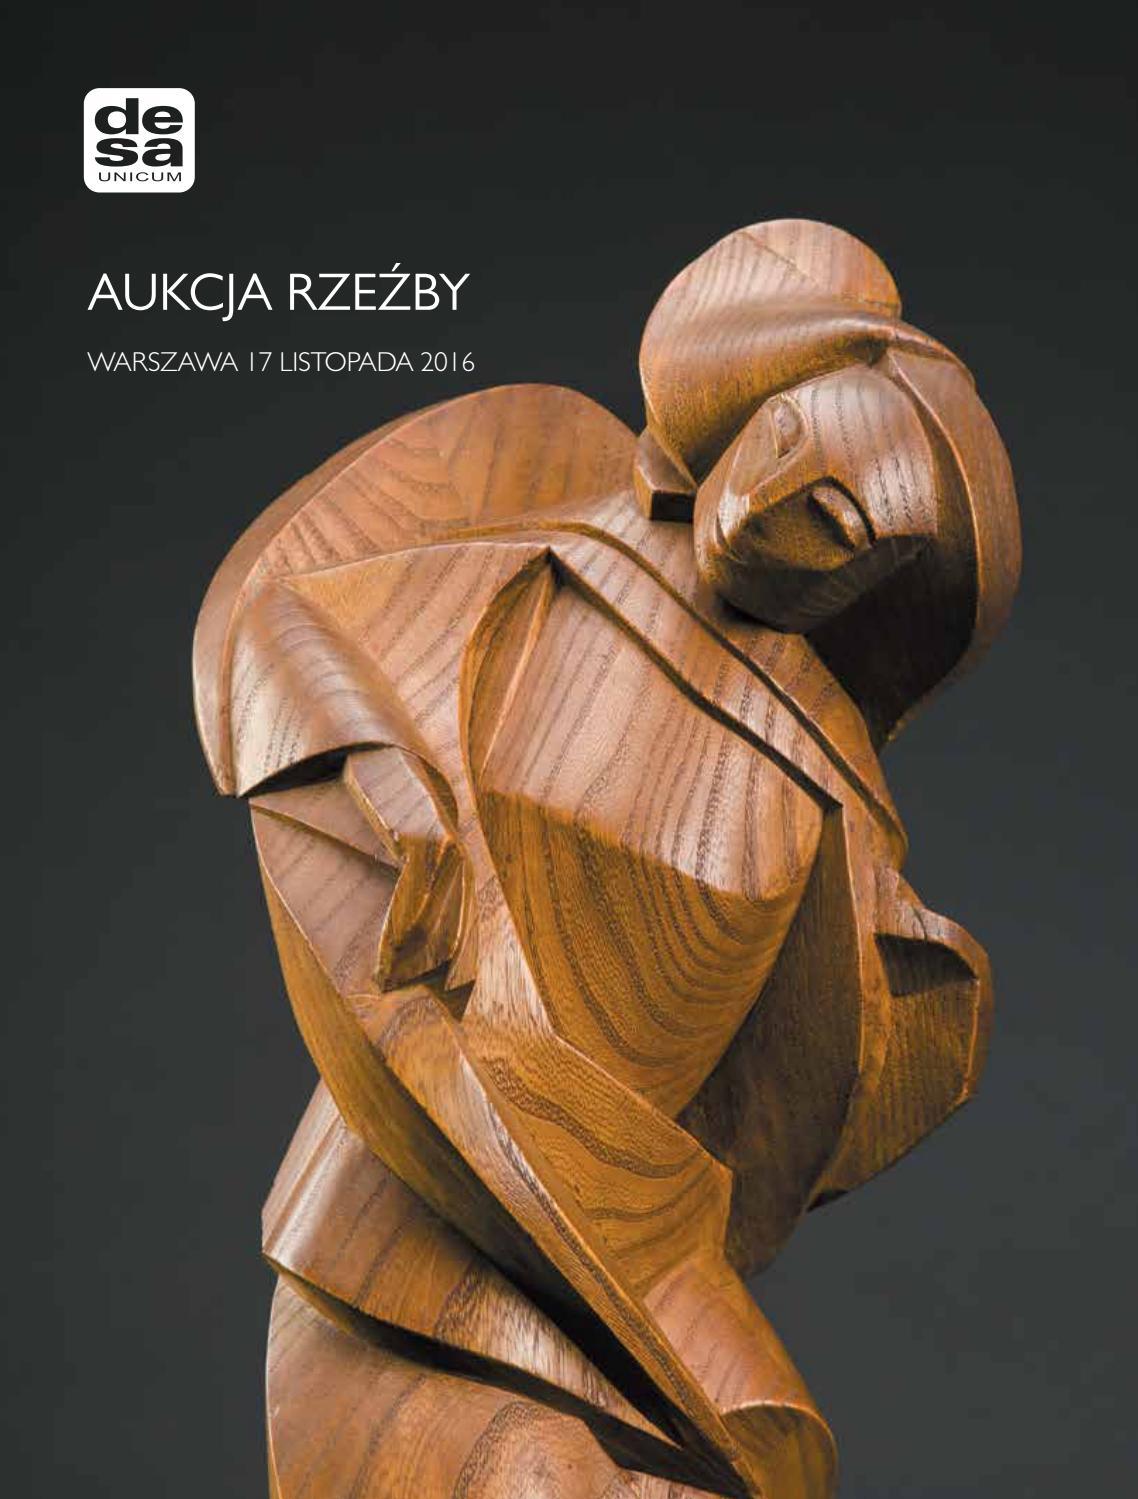 Aukcja Rzeźby 17 Listopada 2016 By Desa Unicum S A Issuu